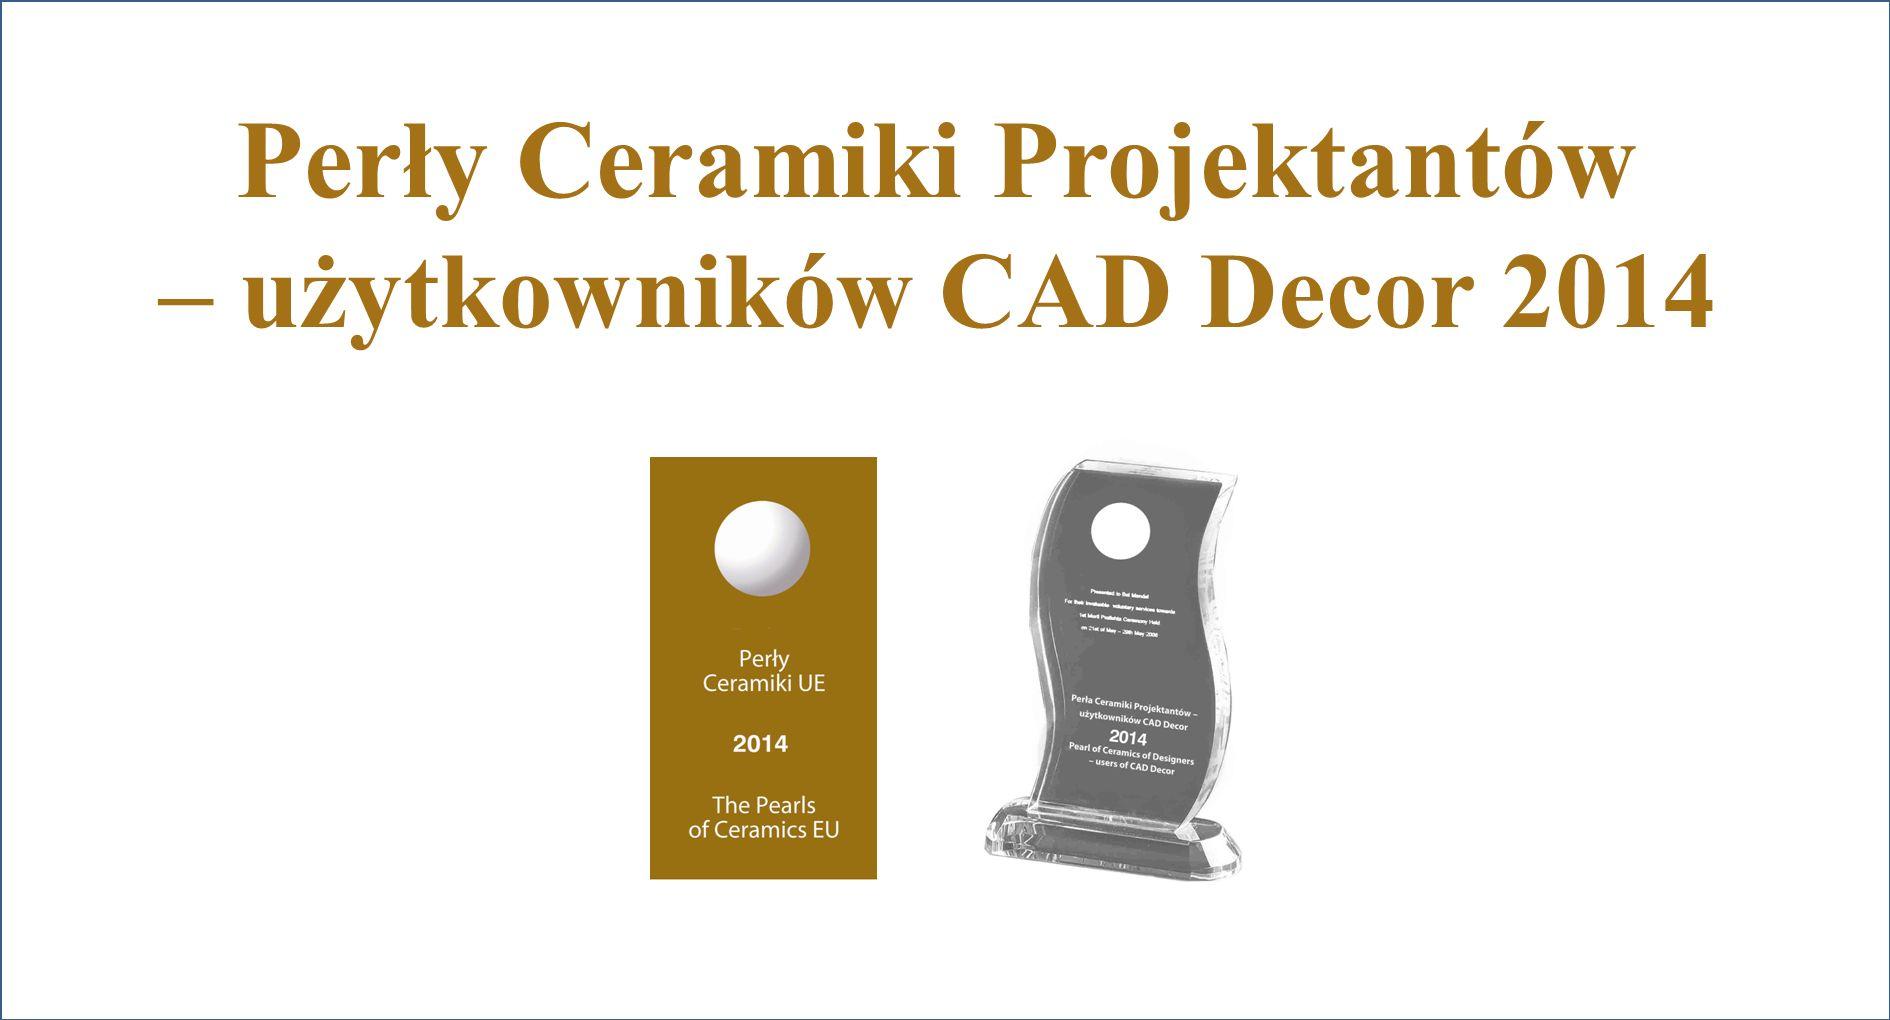 Perły Ceramiki Projektantów – użytkowników CAD Decor 2014